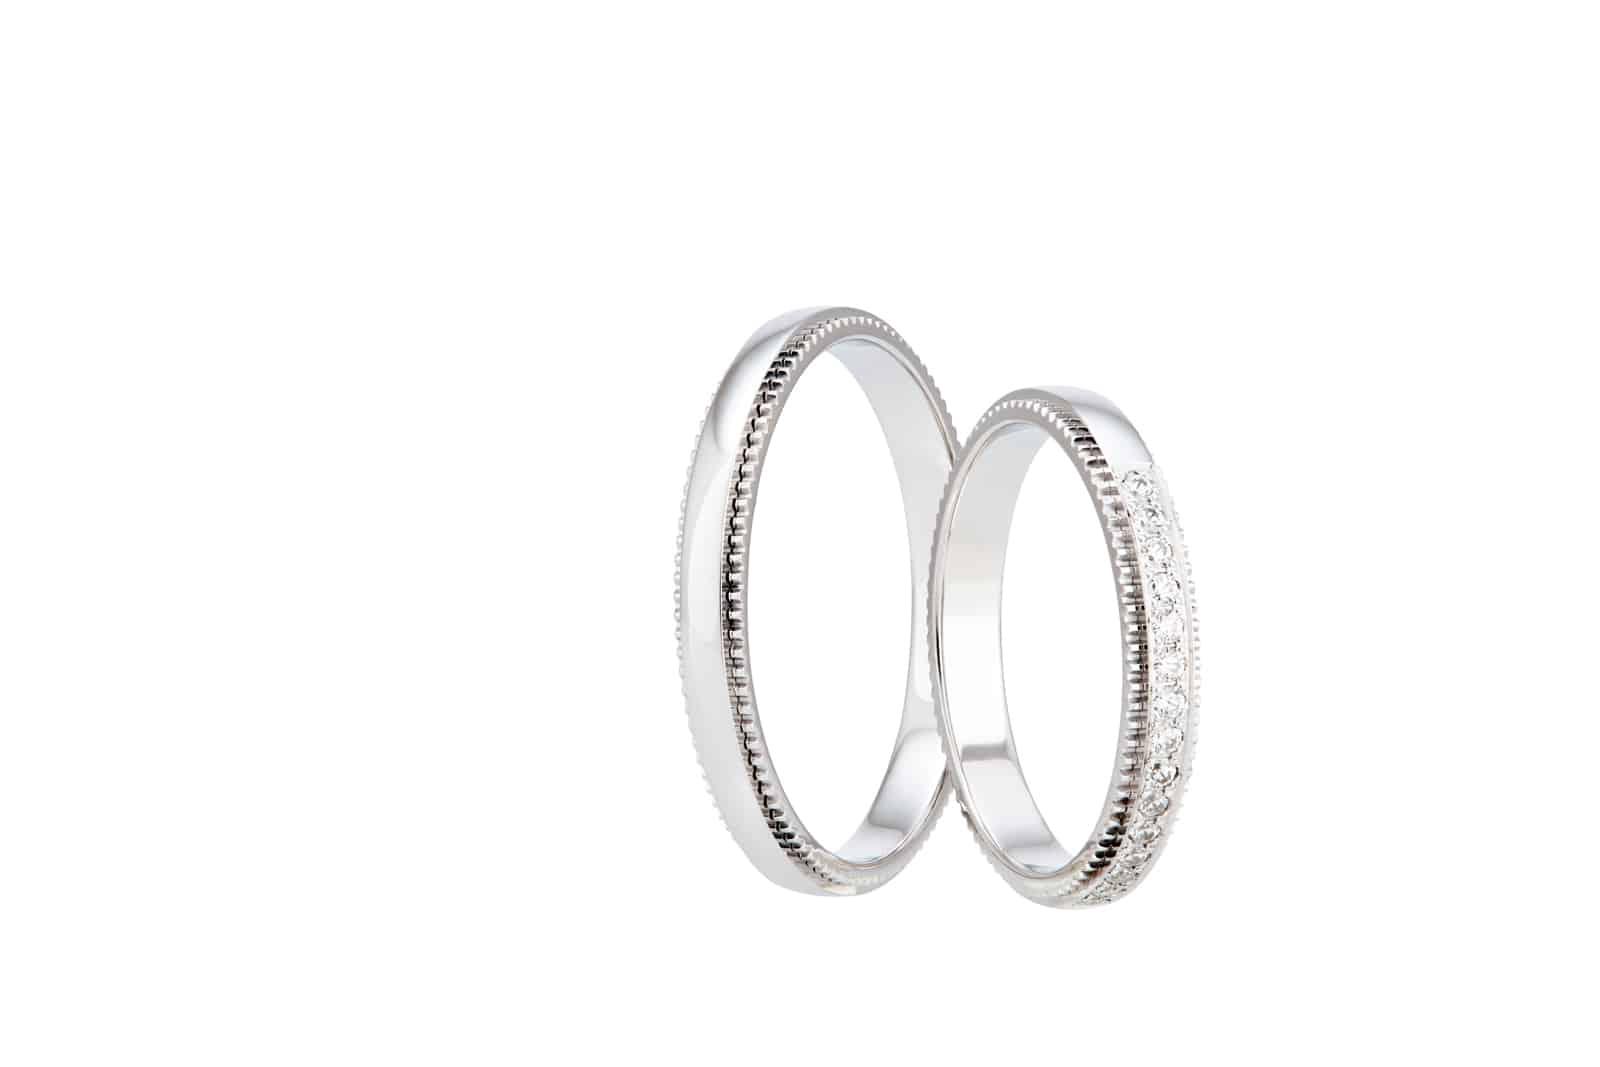 Rýdl snubní prsteny nová kolekce